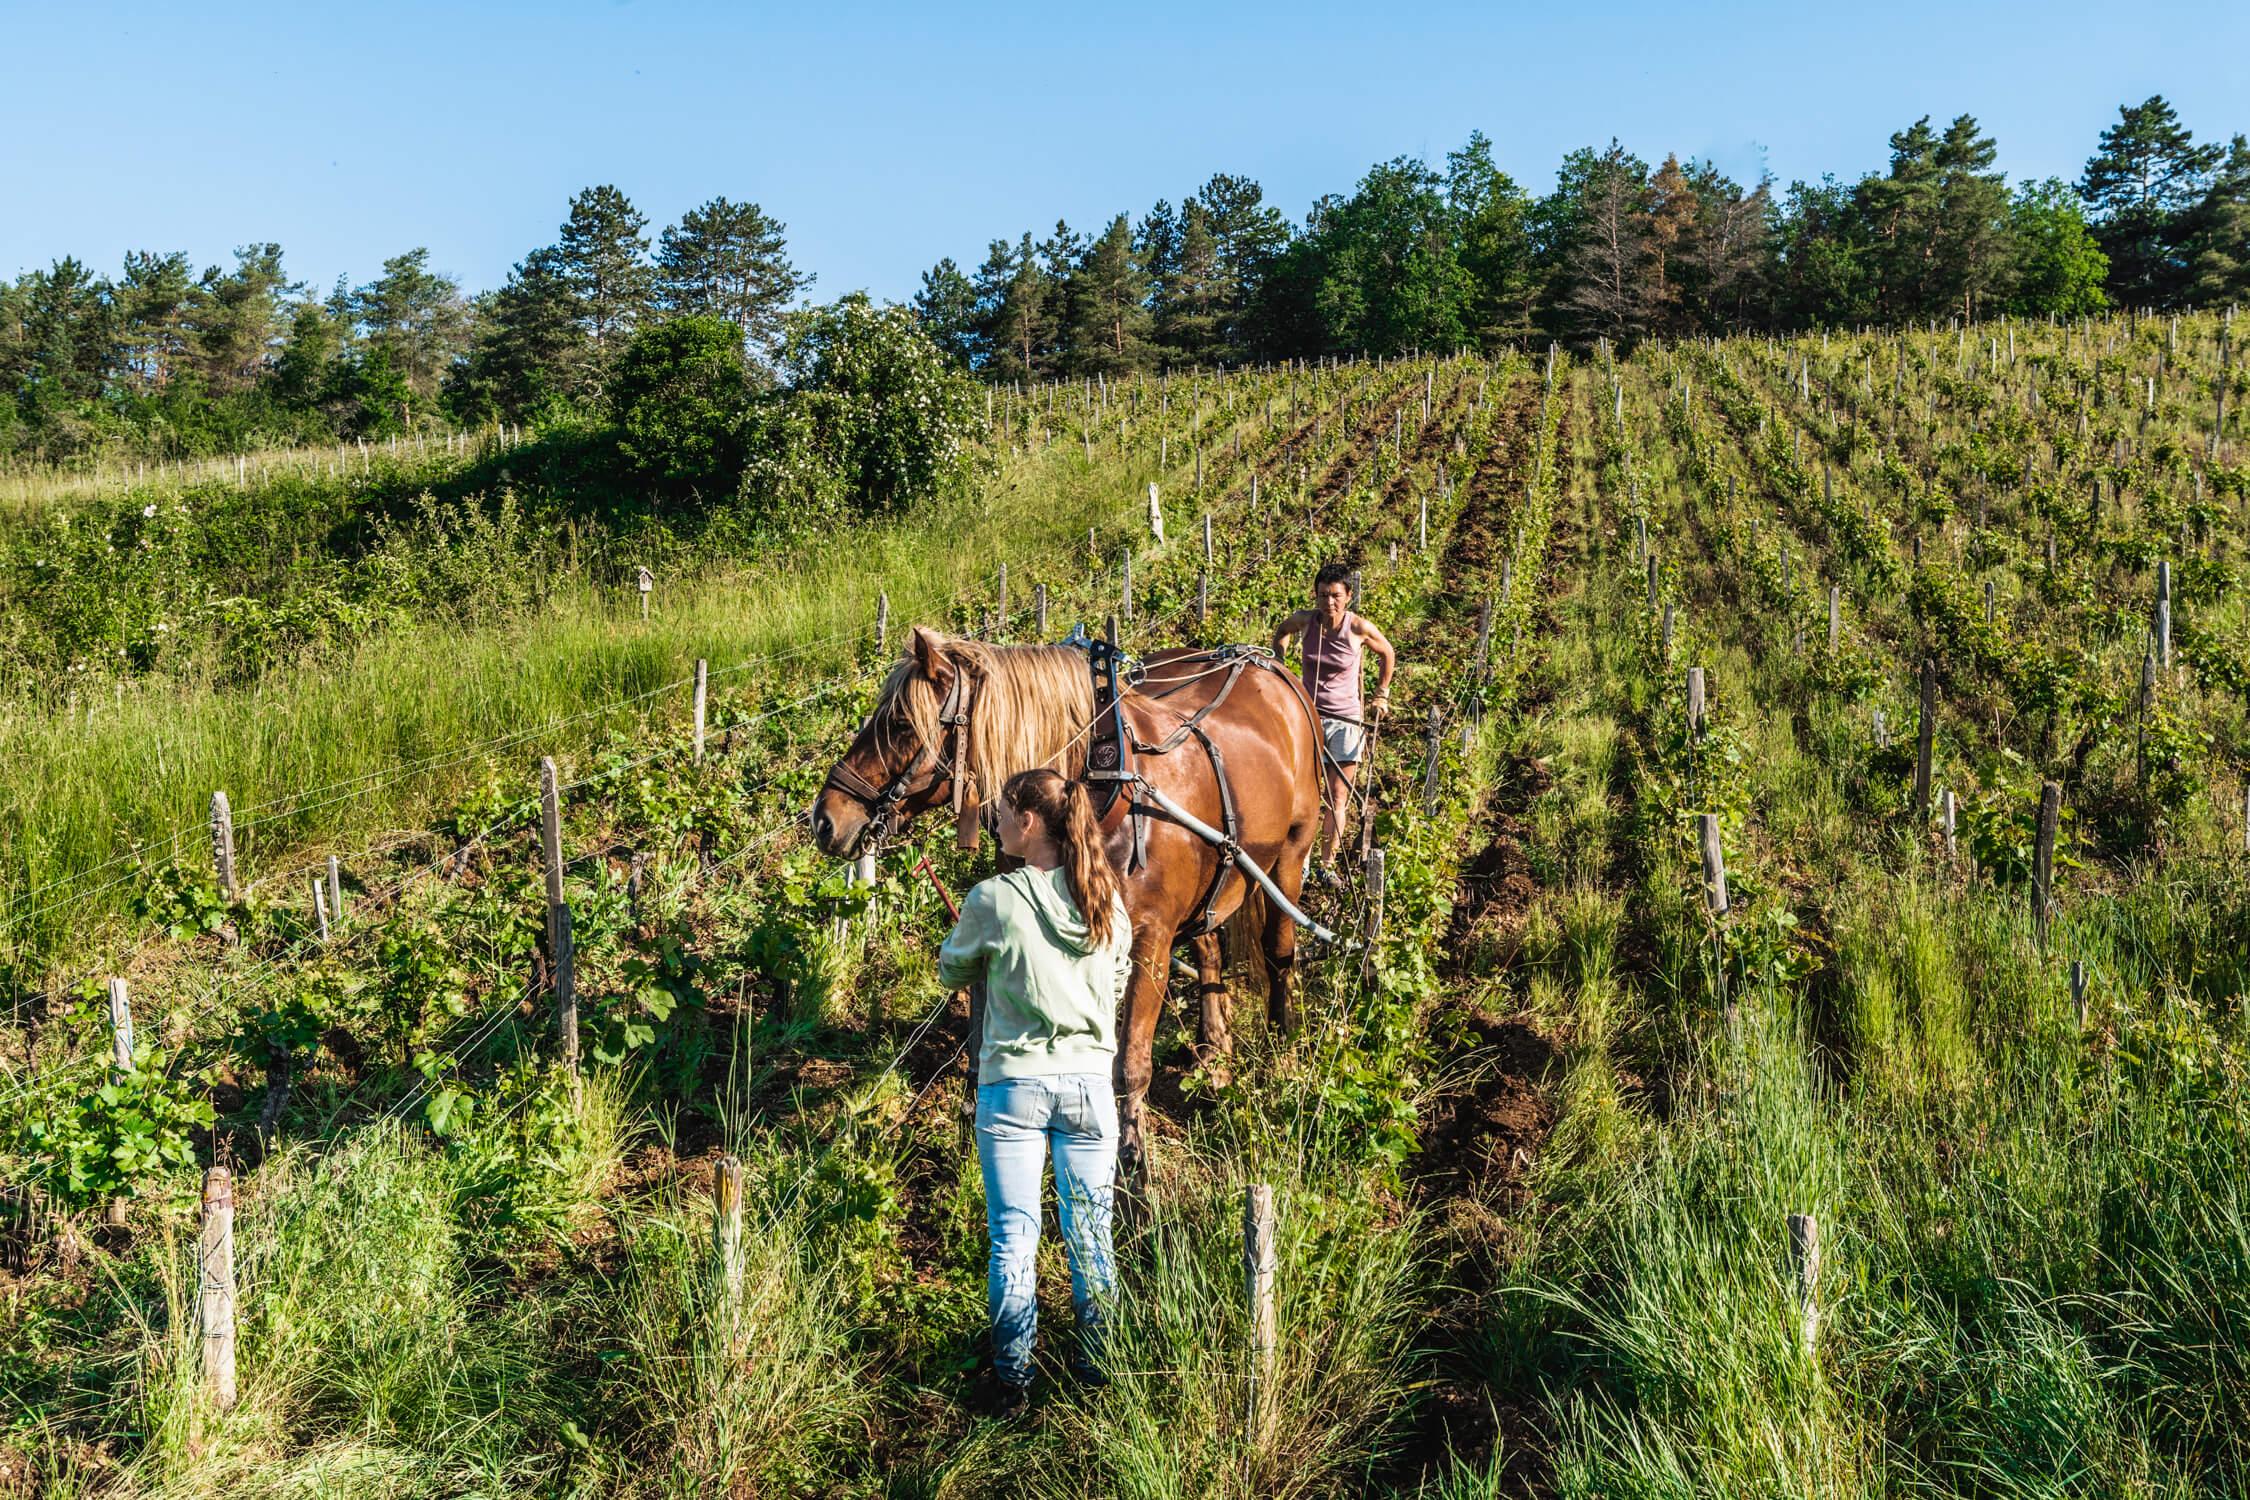 Celine Cote organic wine grower in Burgundy